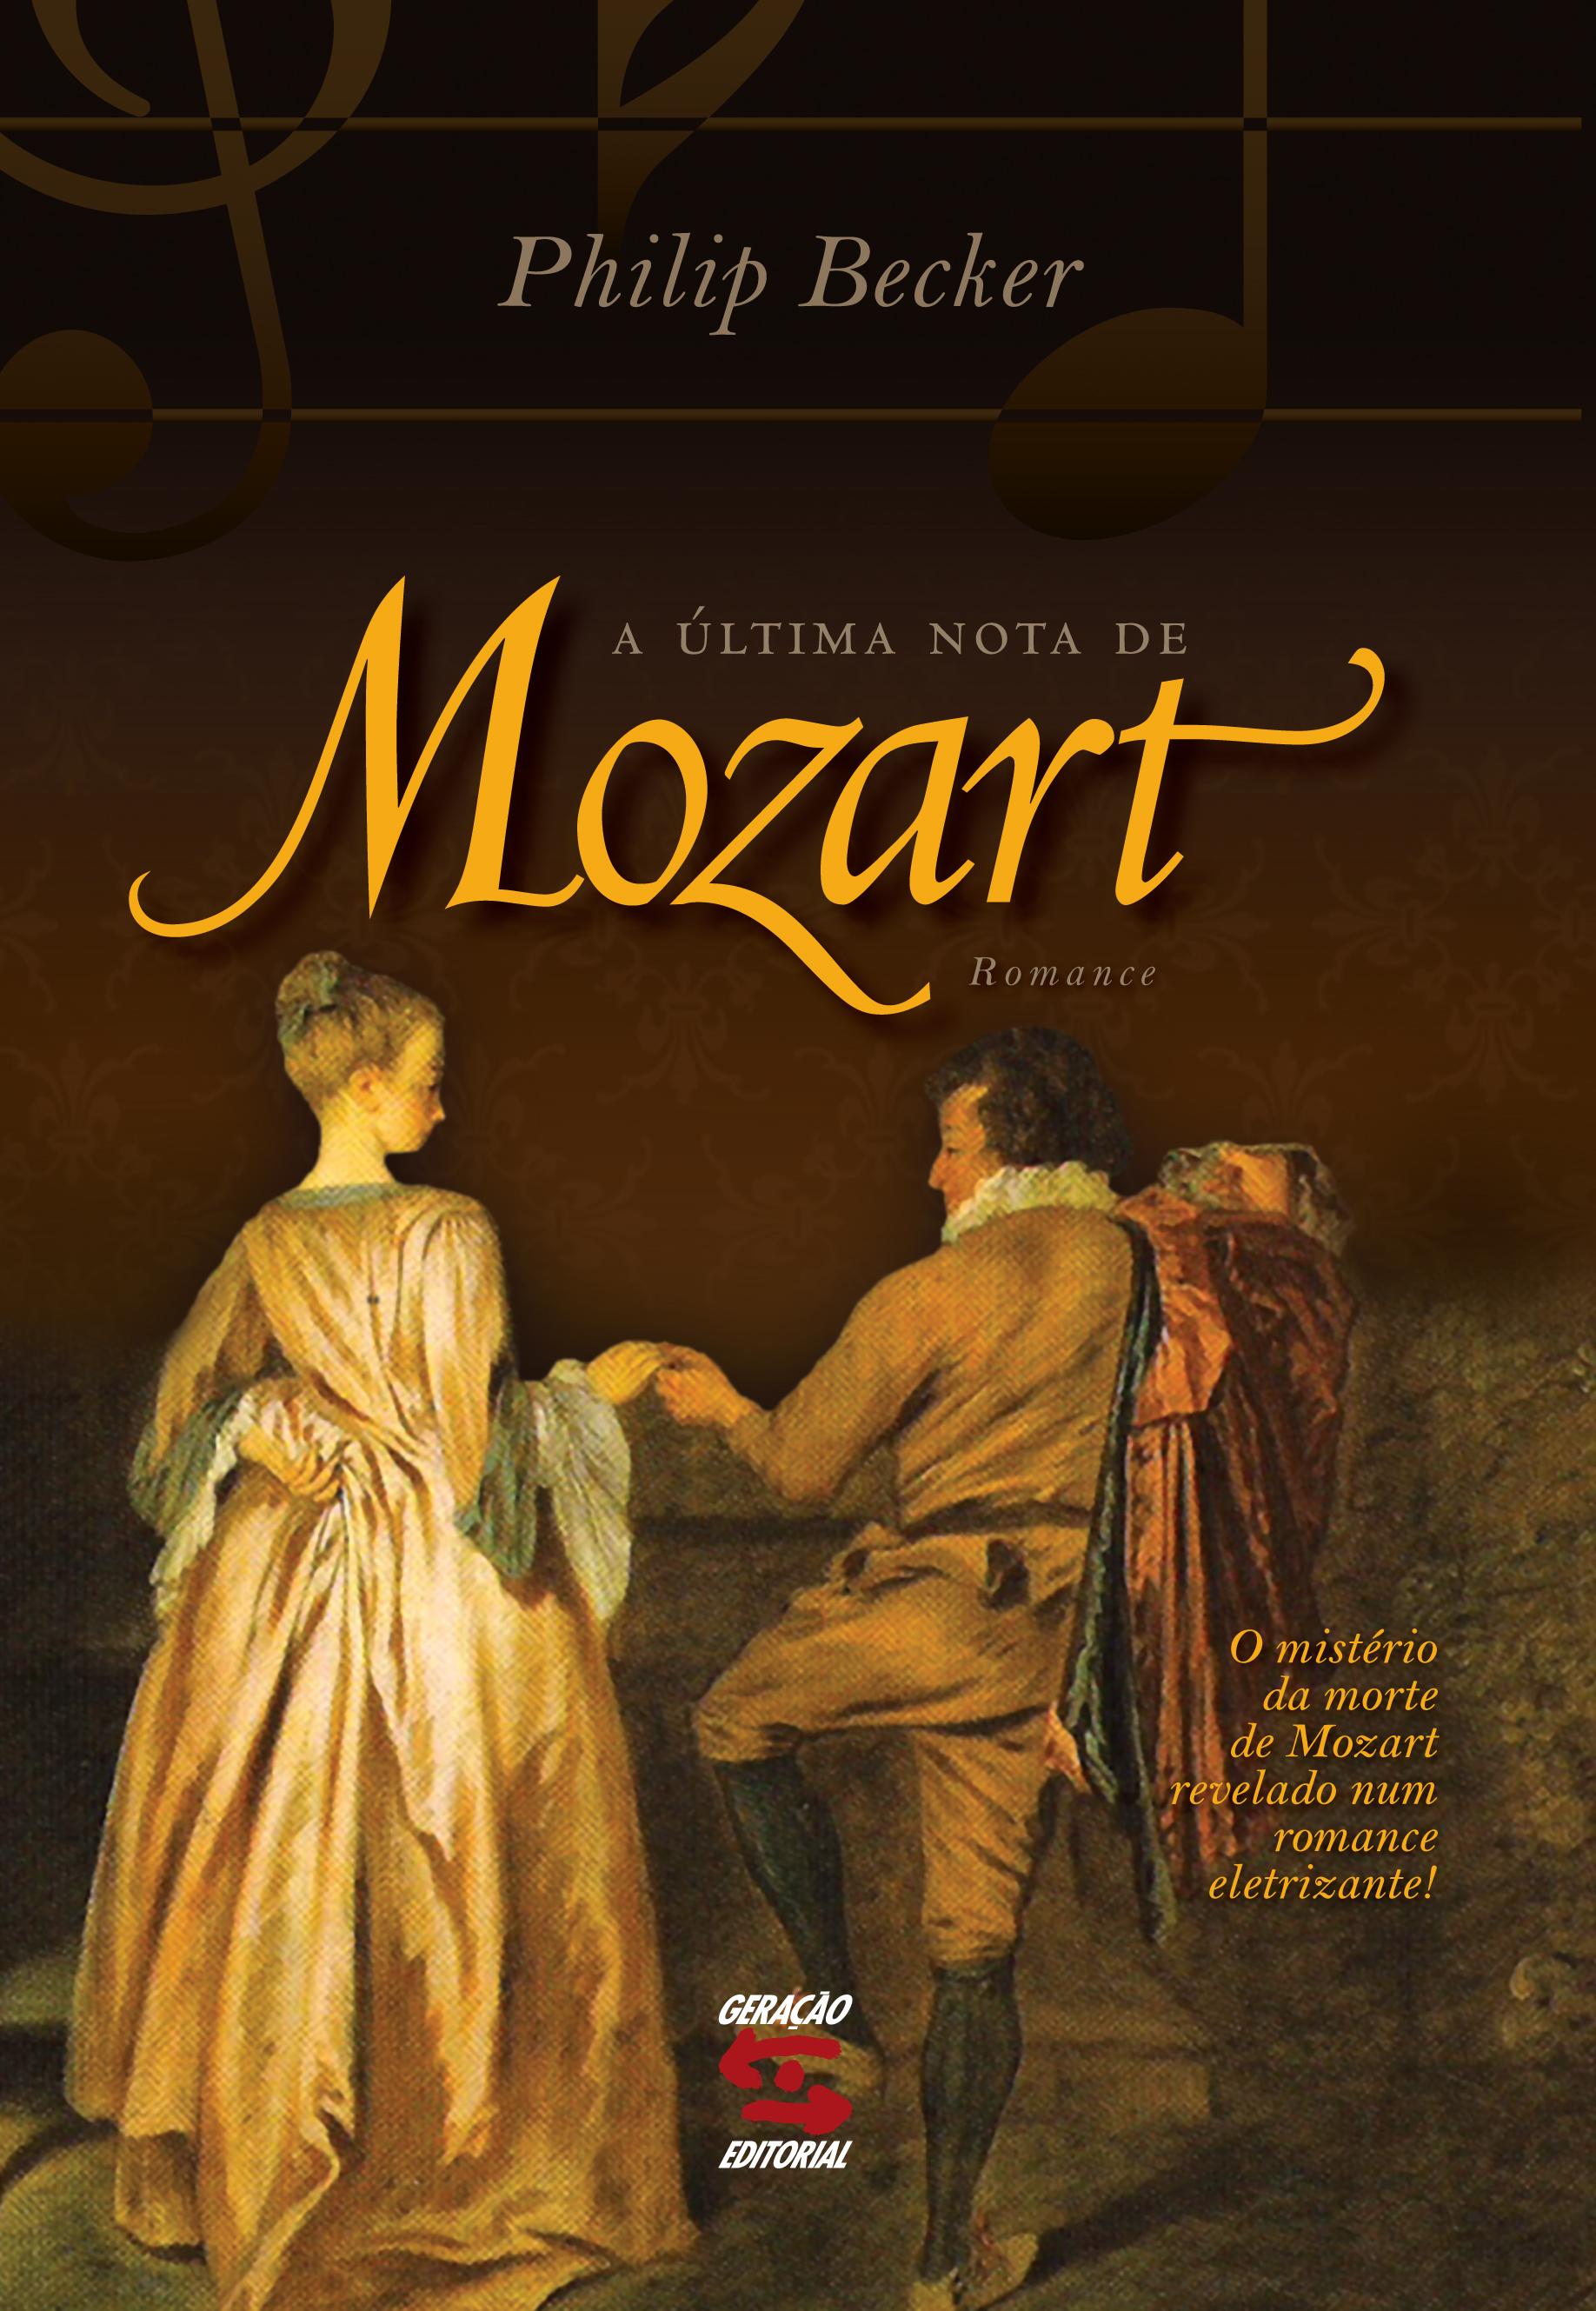 Última Nota de Mozart, A, livro de Philip Becker